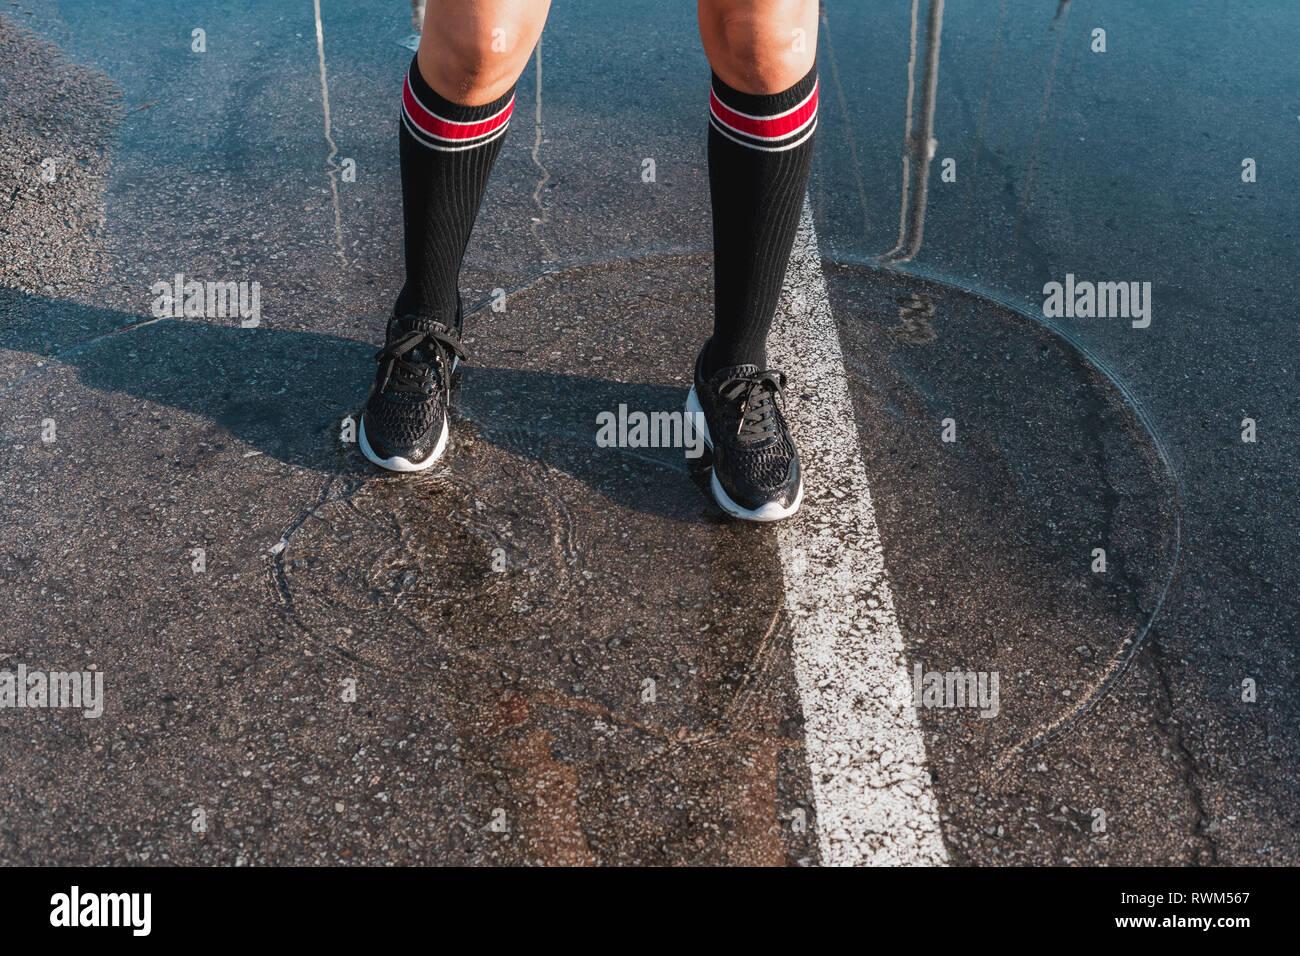 Von oben crop Beine der jungen Dame in Beinlinge und Jogging Schuhe stehen im Wasser slops auf Asphalt Stockbild